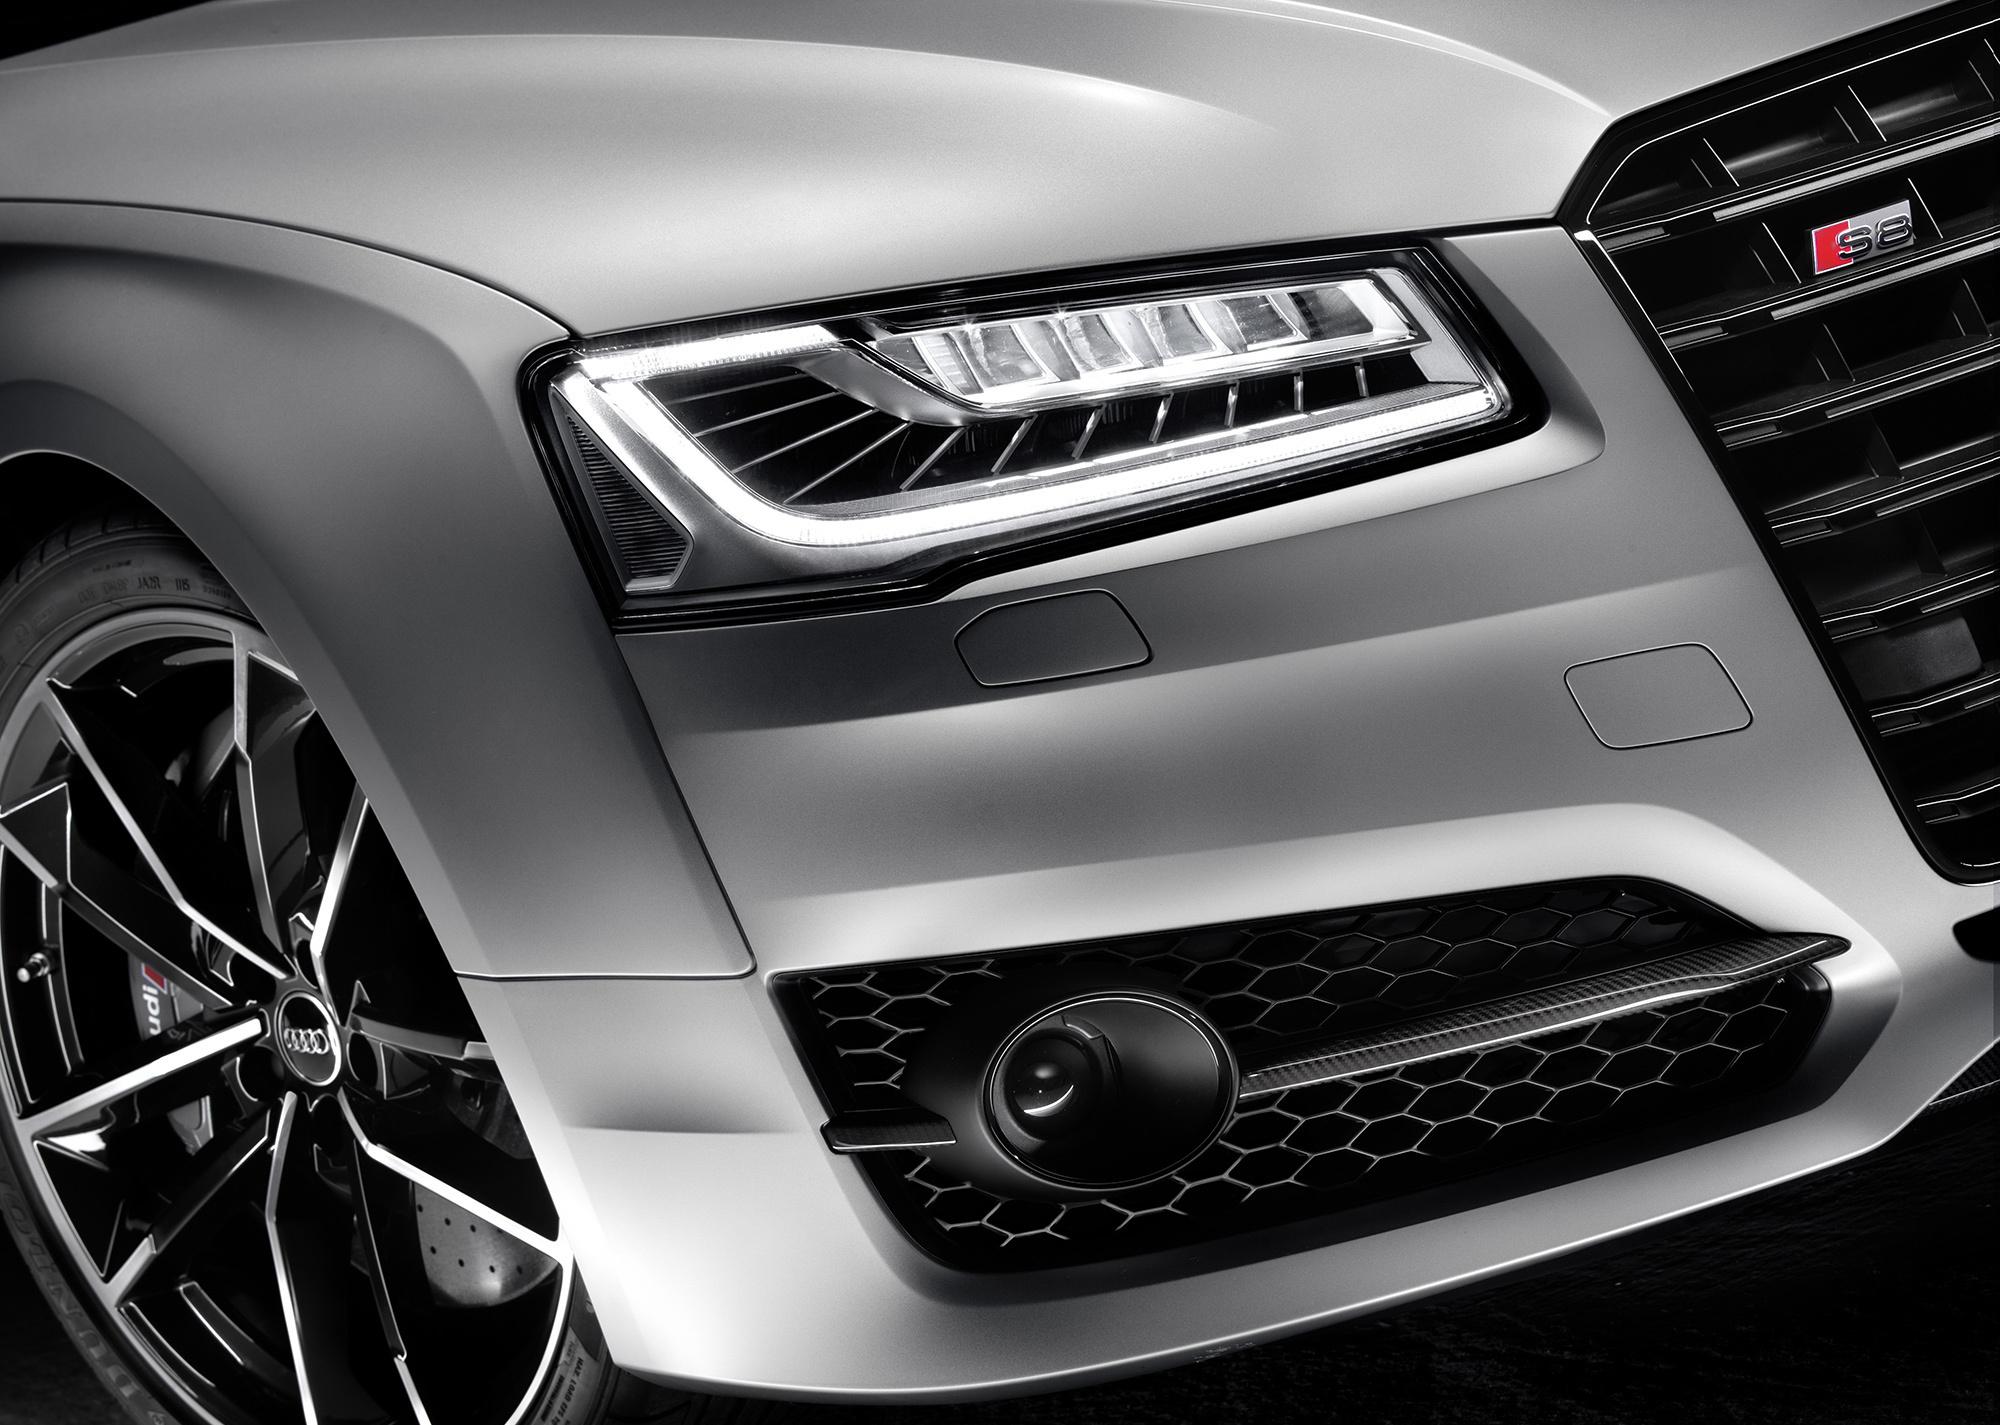 Audi S8 Plus Wallpapers